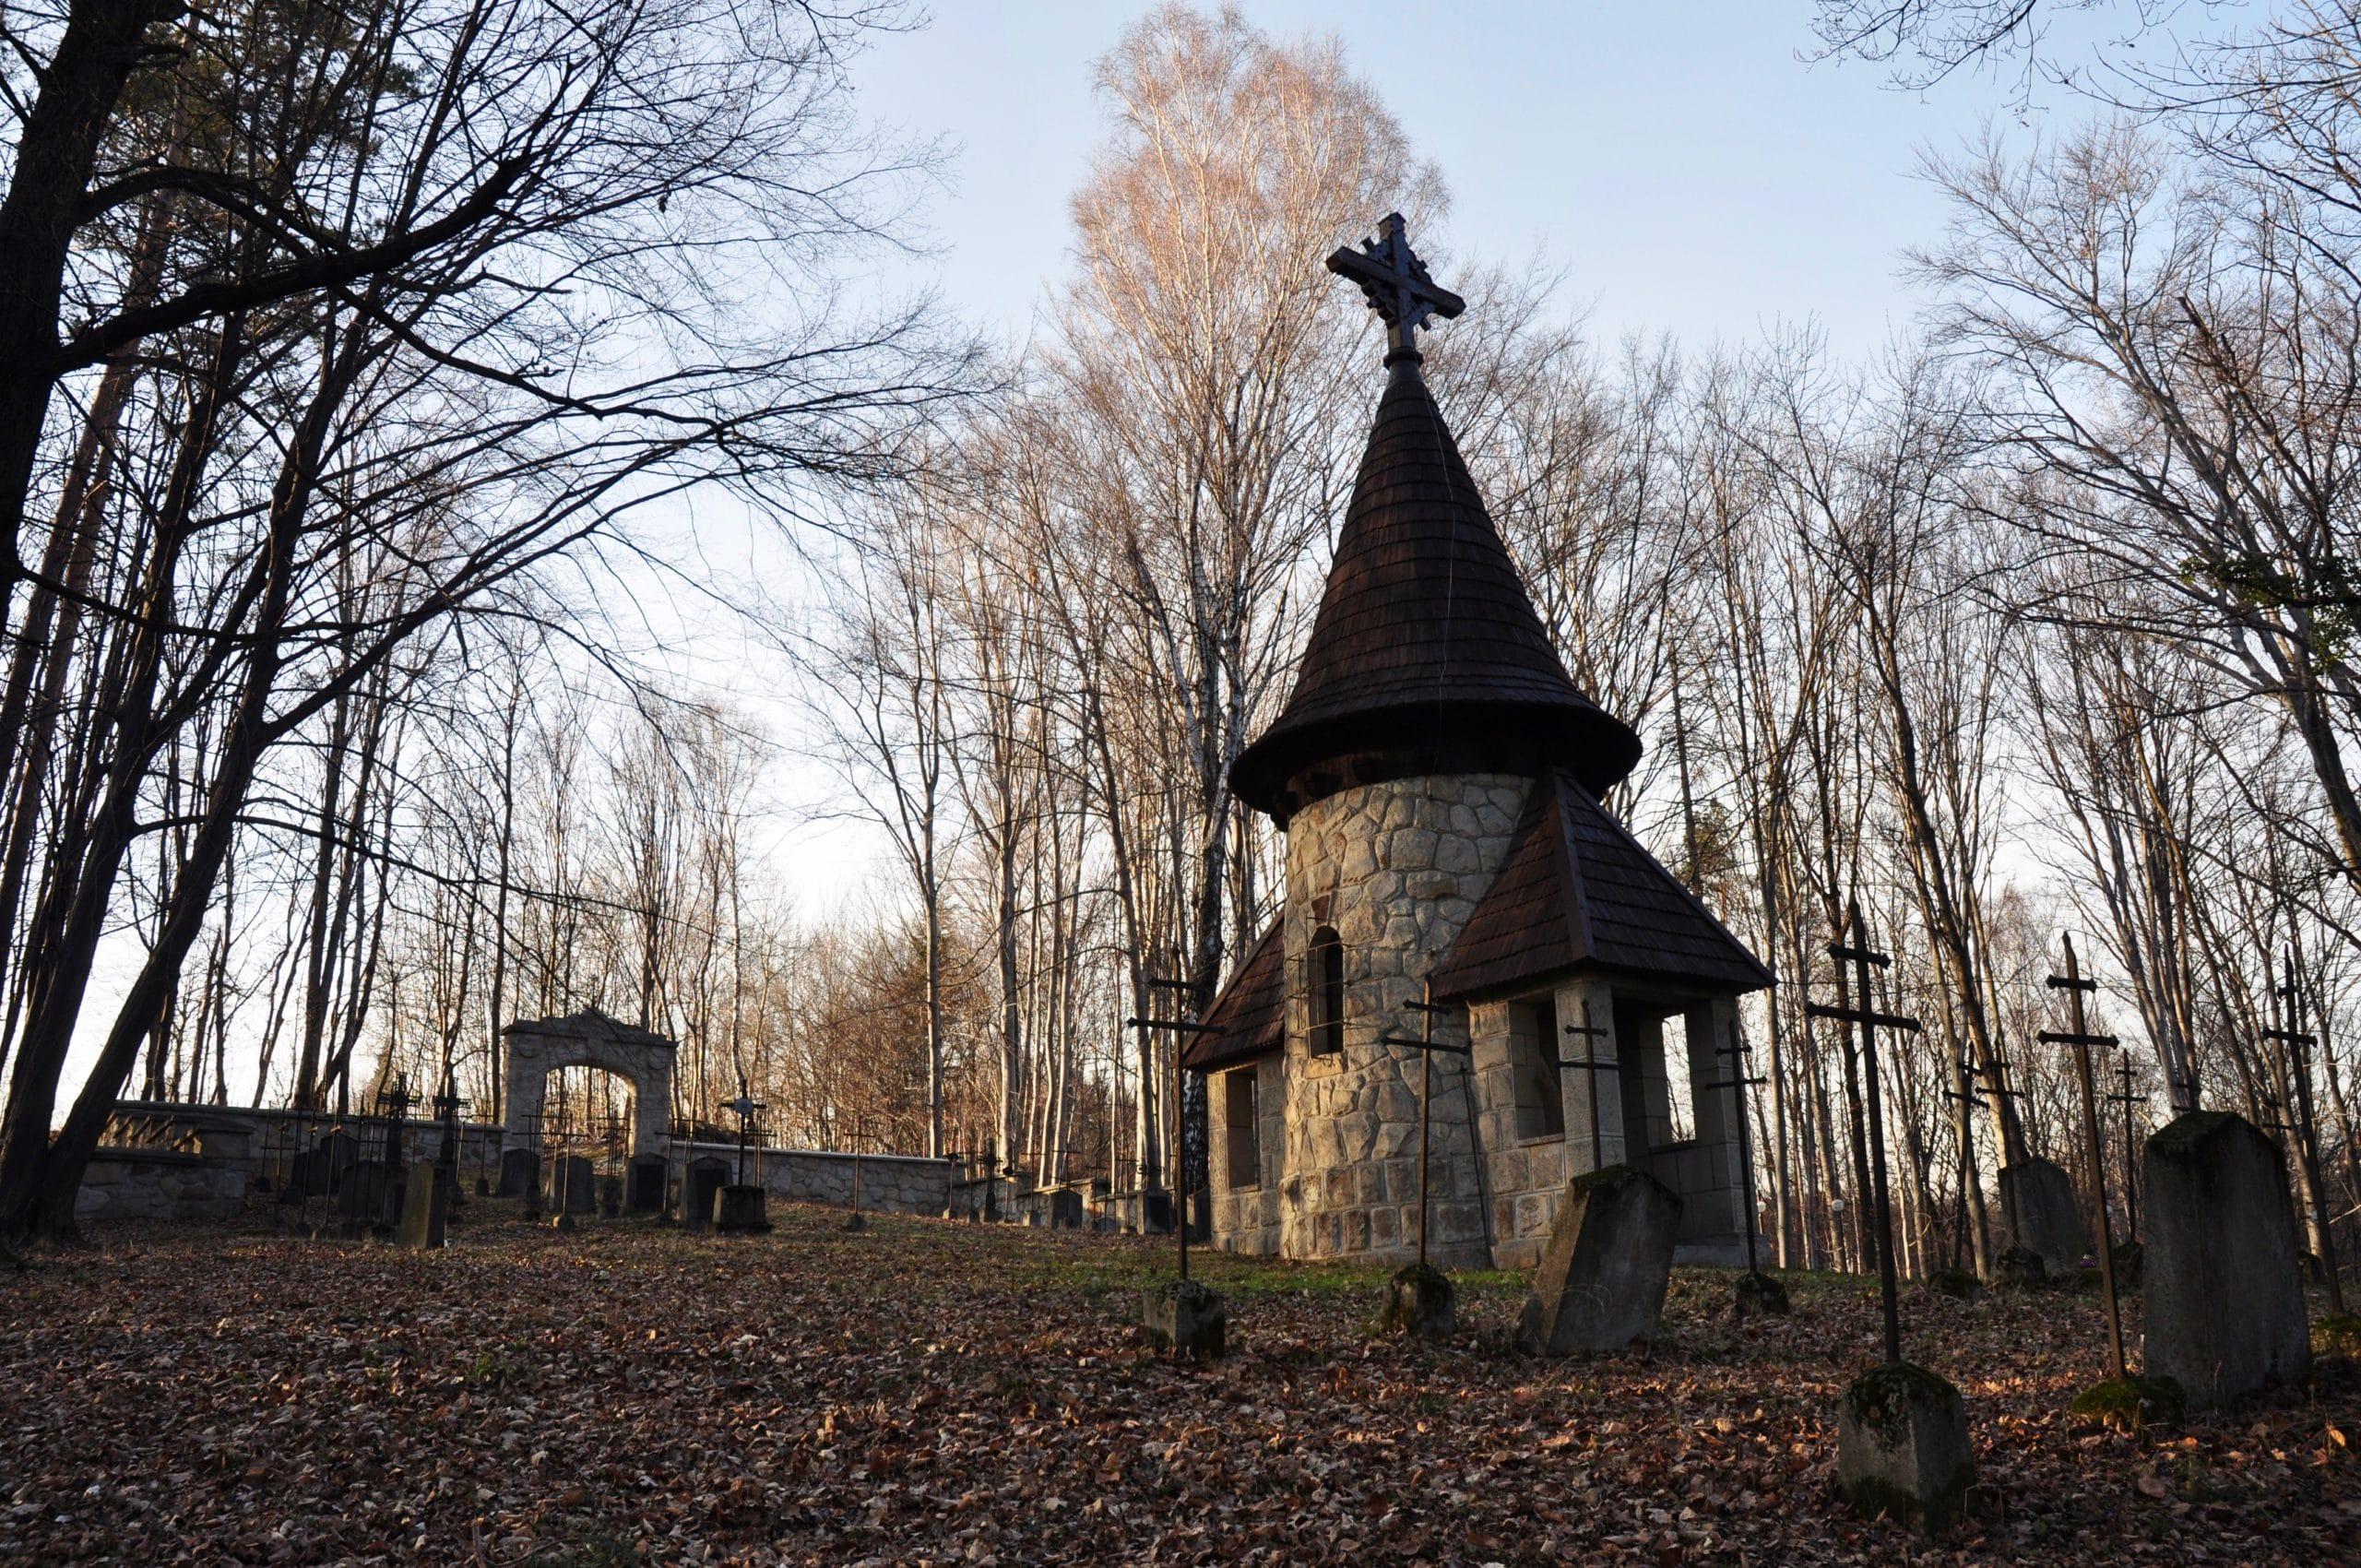 Cmentarz wojenny nr 310 Leszczyna, widok na kaplicę cmentarna i brame wejściową